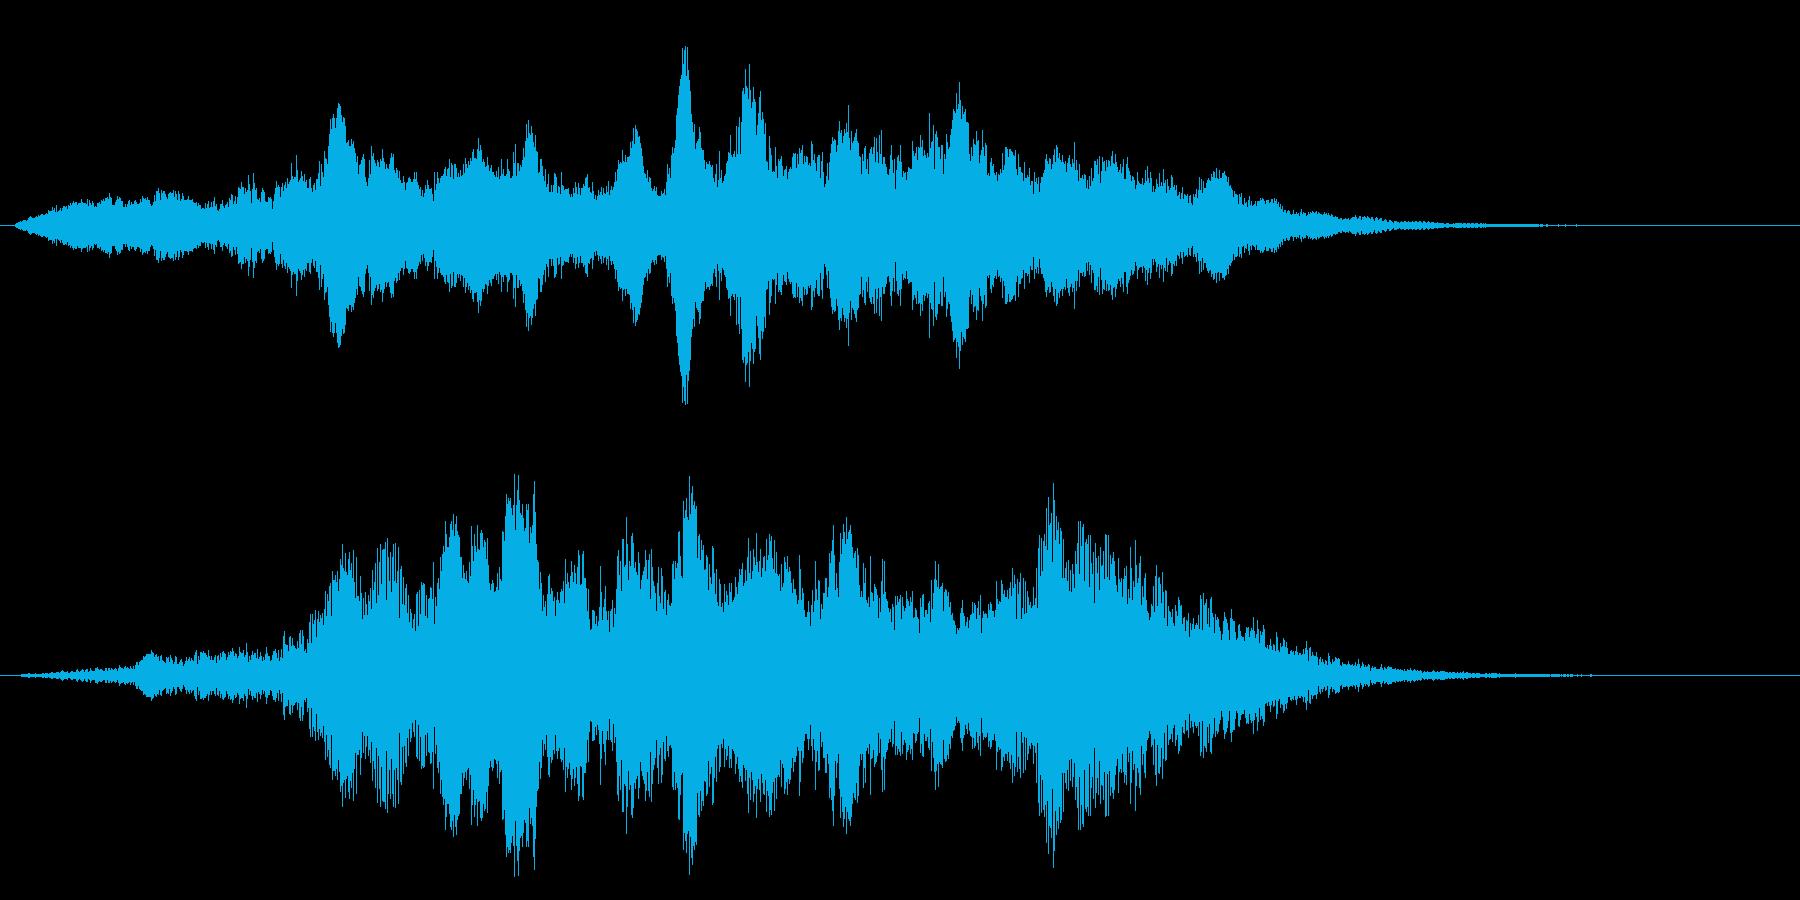 キィィ~ン☆ホラーな効果音の再生済みの波形